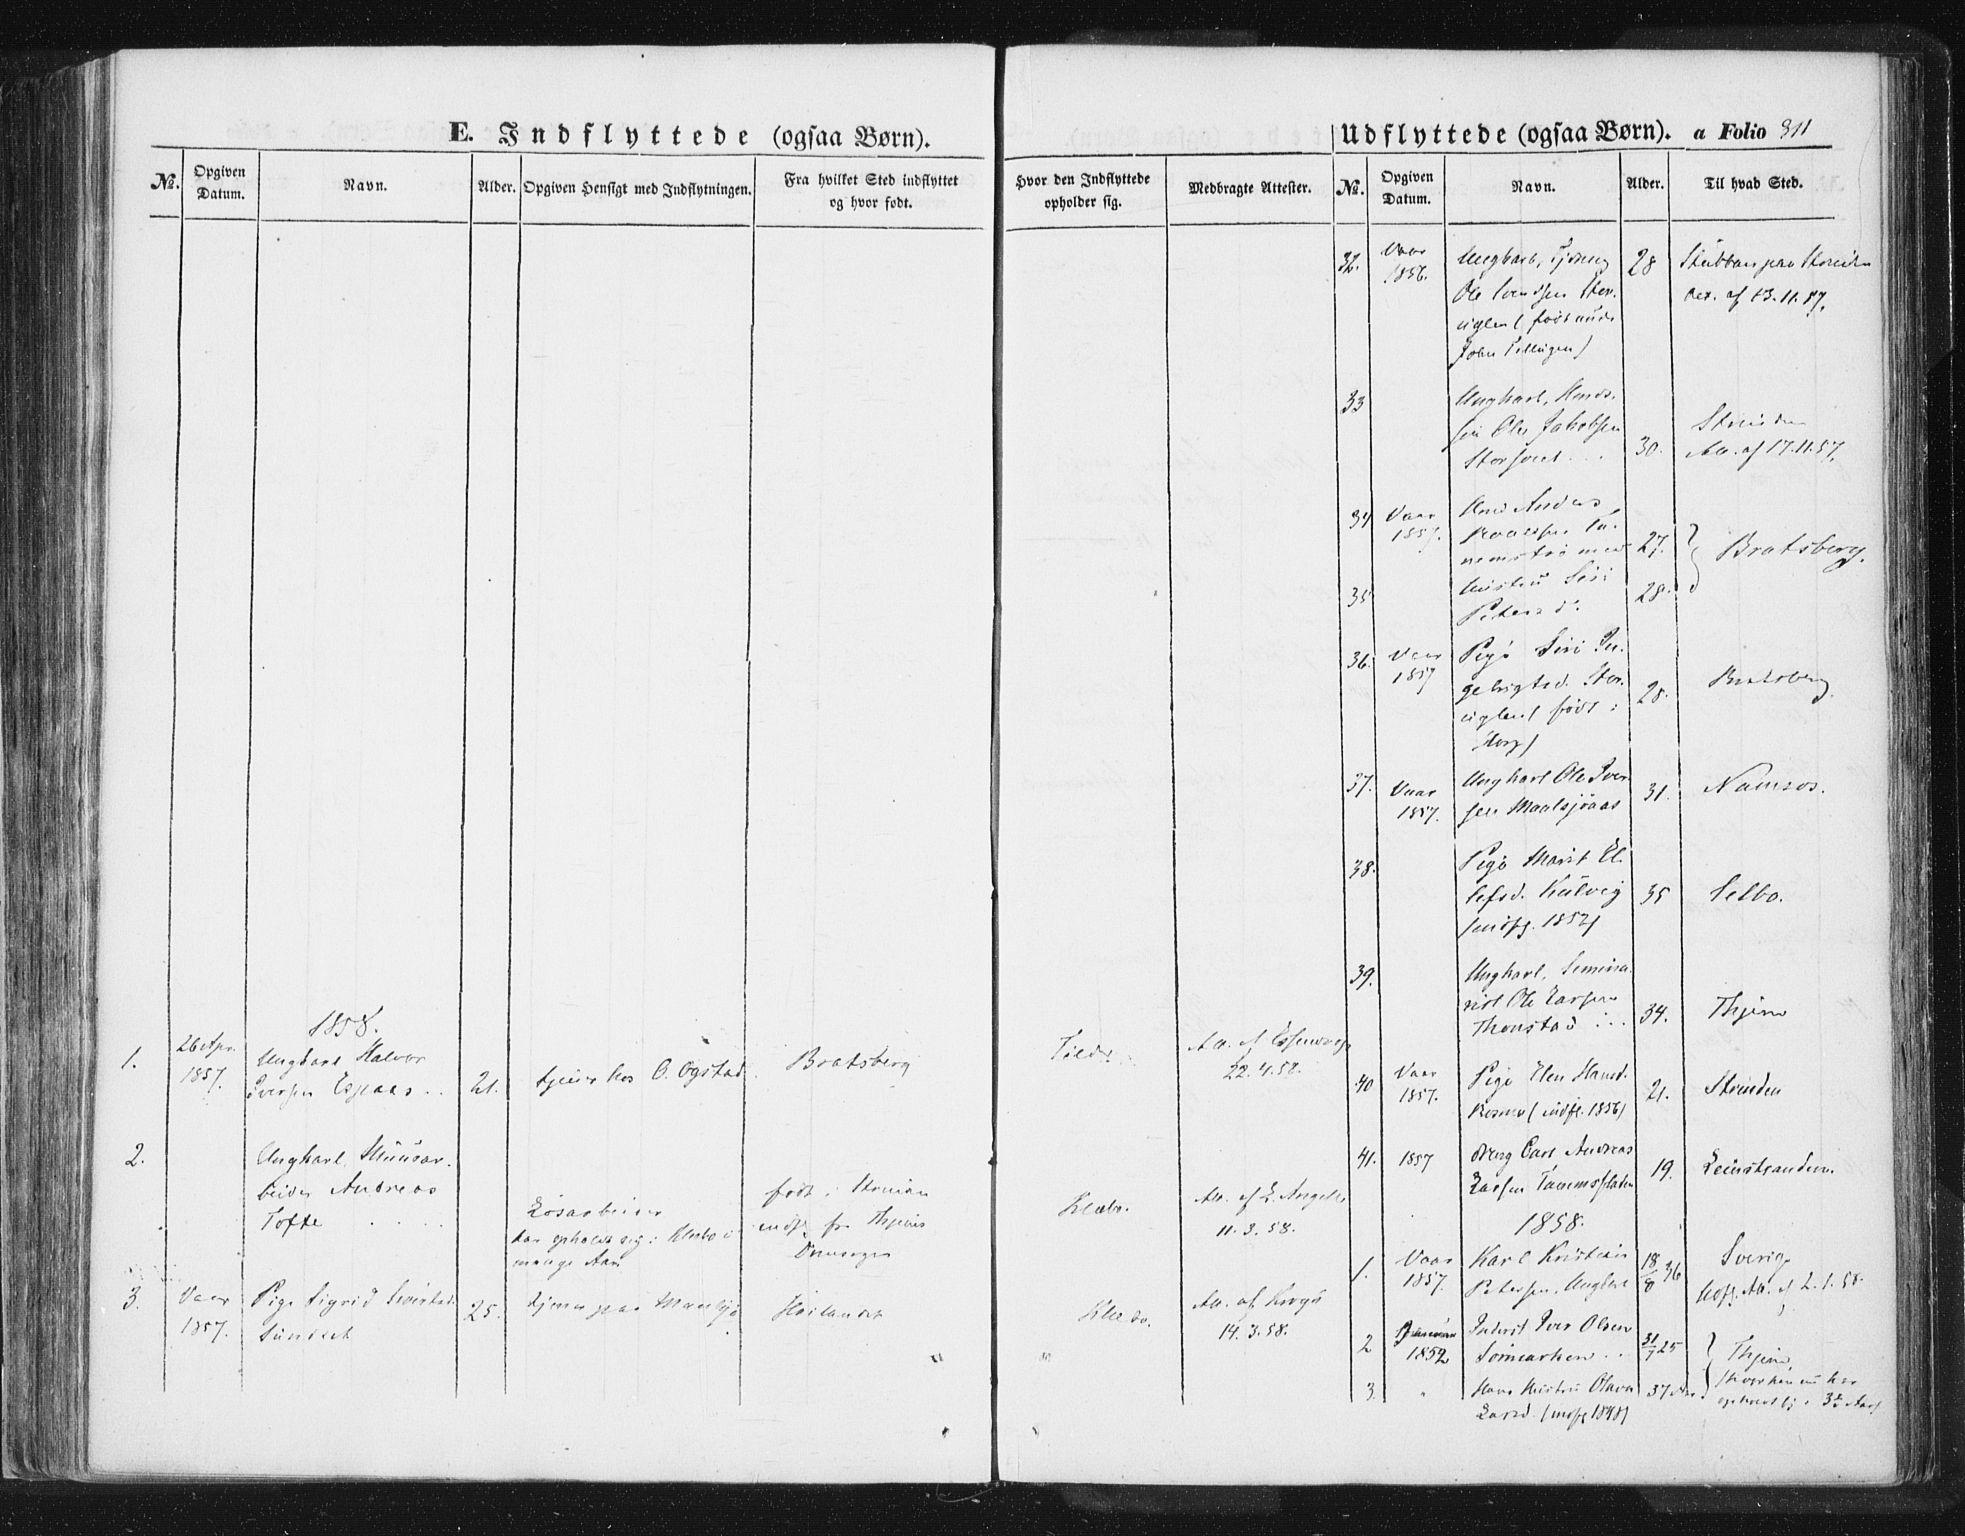 SAT, Ministerialprotokoller, klokkerbøker og fødselsregistre - Sør-Trøndelag, 618/L0441: Ministerialbok nr. 618A05, 1843-1862, s. 311